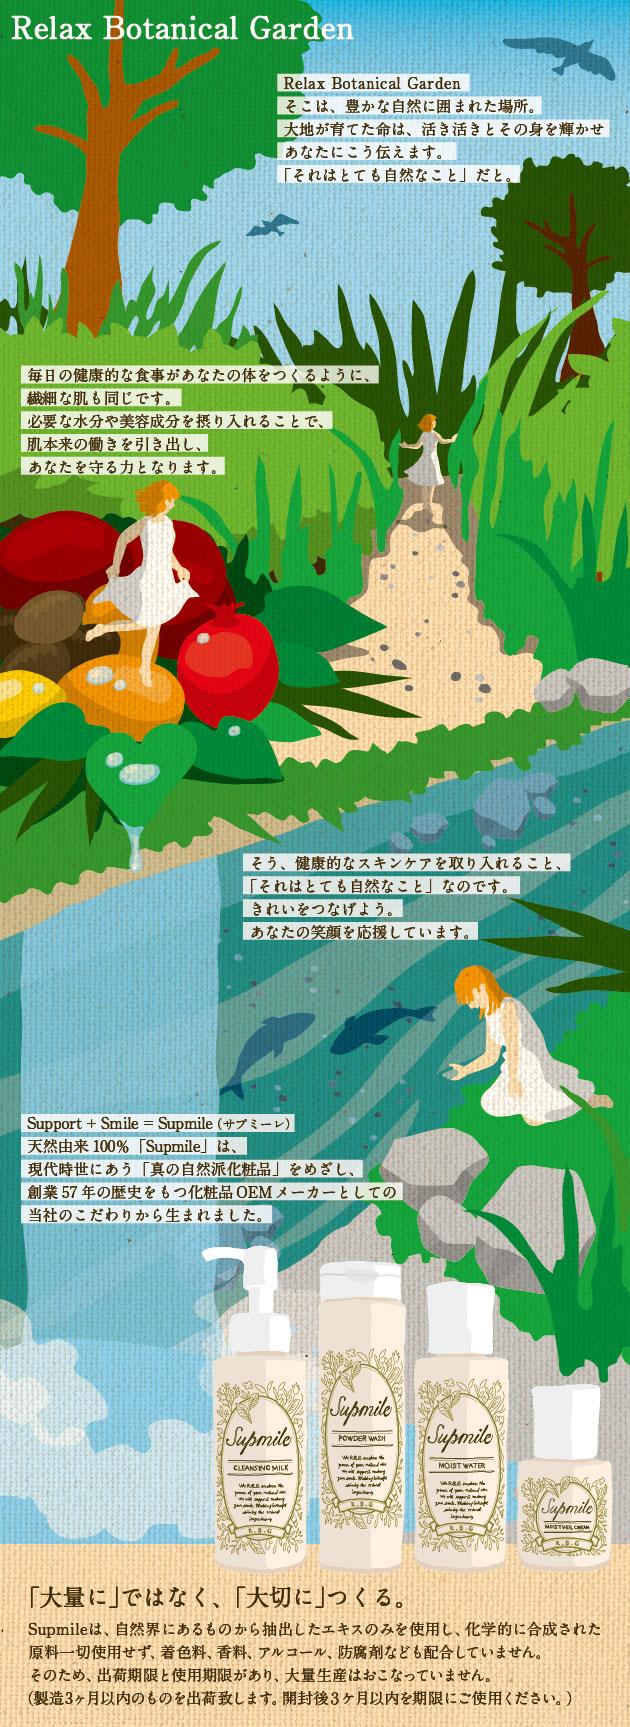 基礎化粧品「Supmile」HP用イラスト